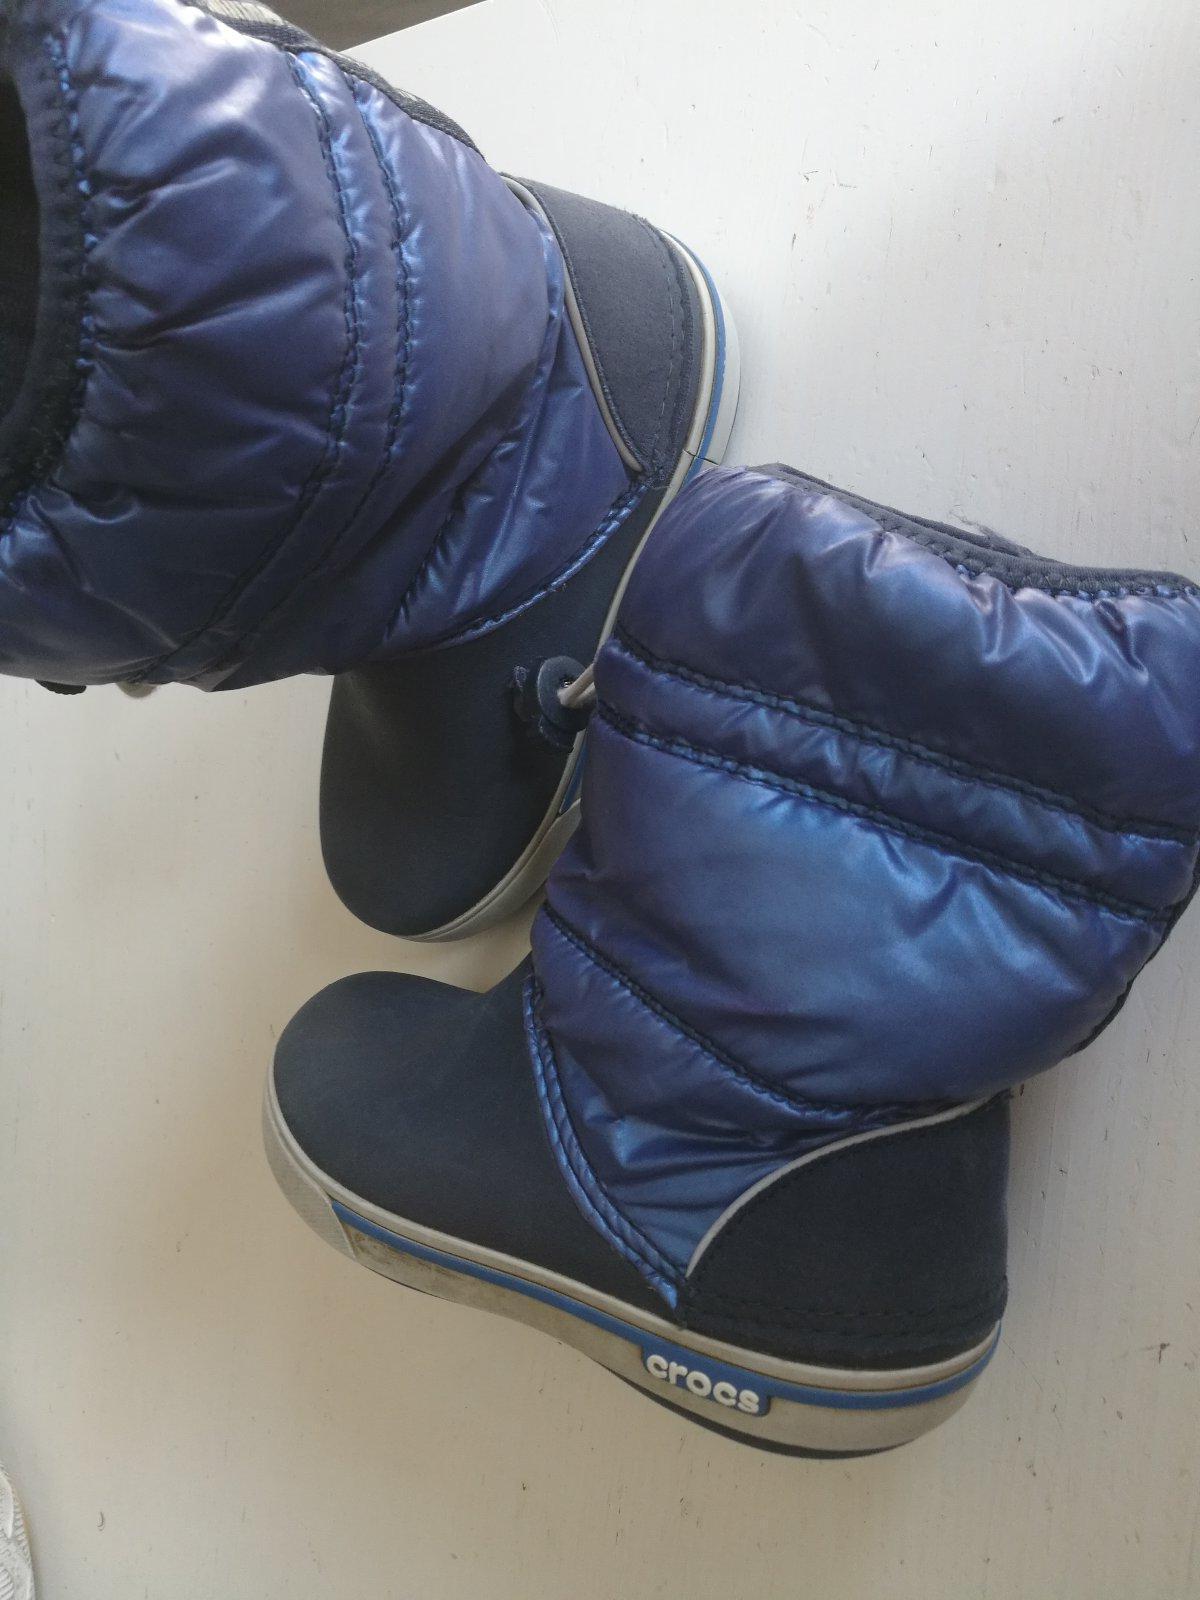 Crocs cizmy c-11 top čižmy na zimu d08bae29da